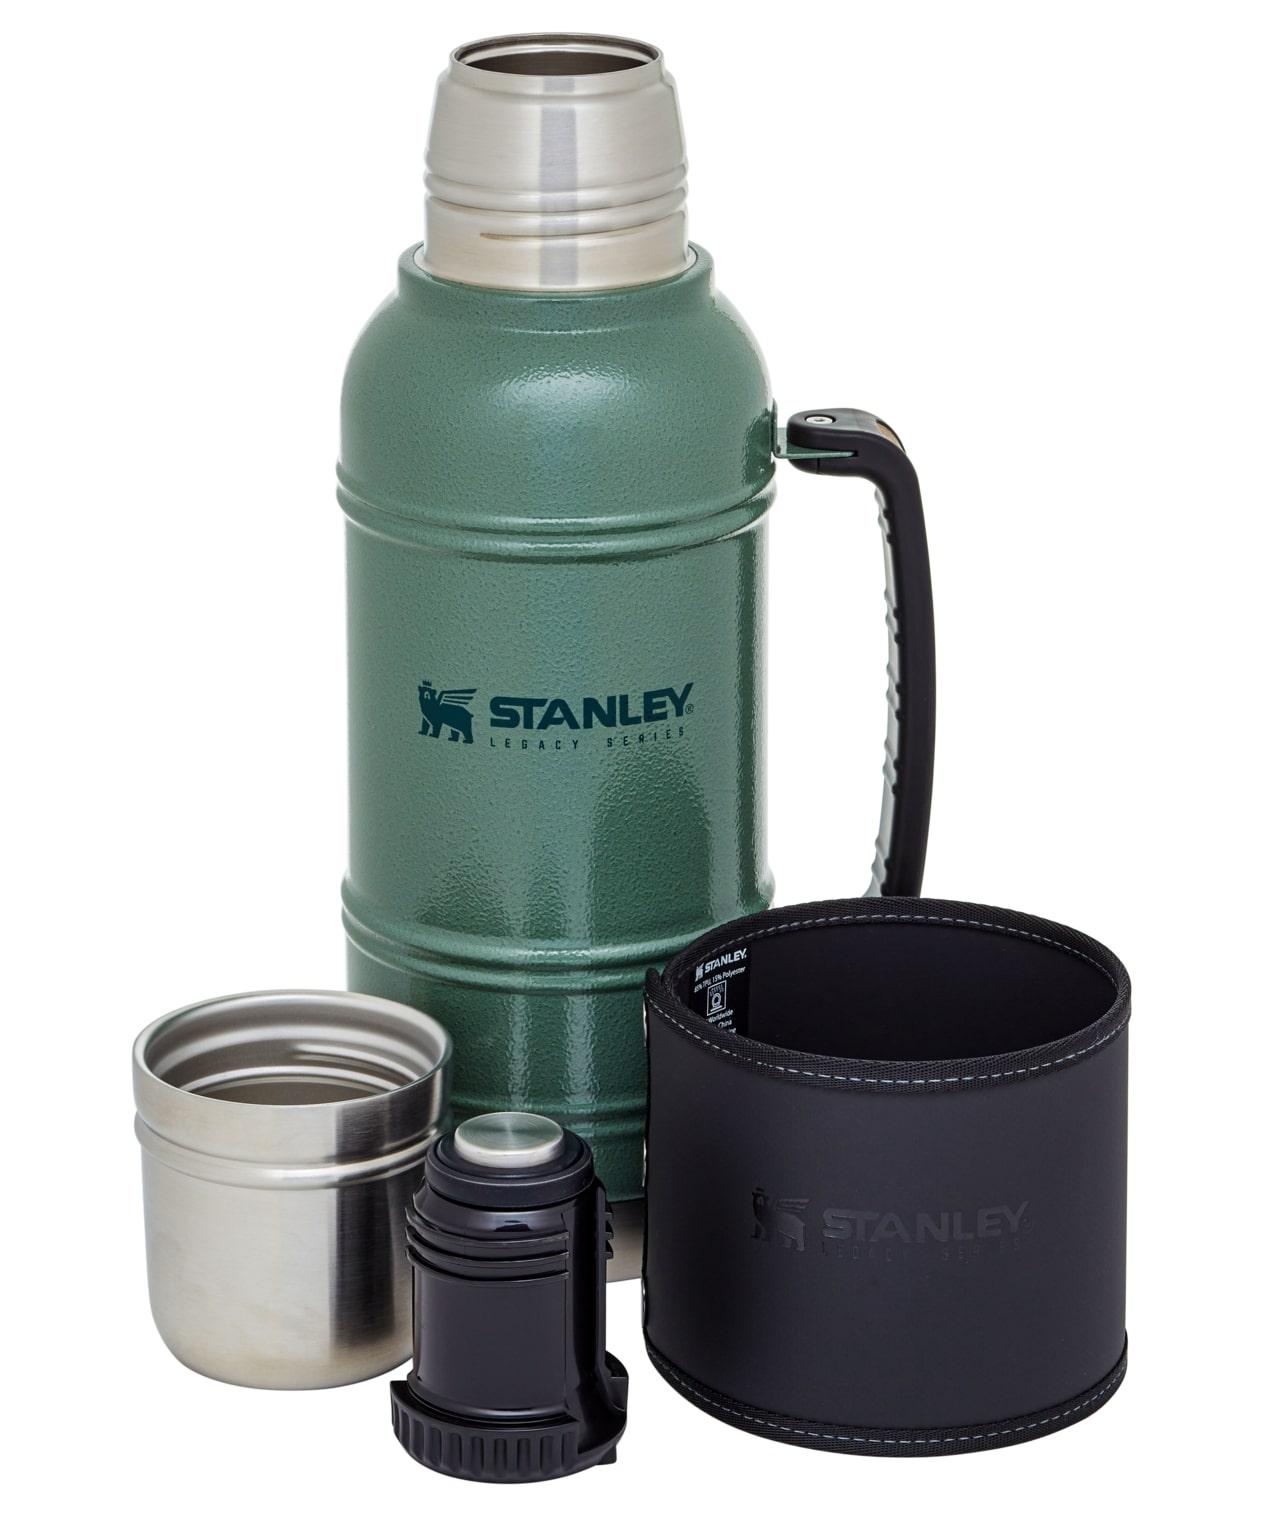 Bình Giữ Nhiệt Stanley Legacy Quadvac 1.4L